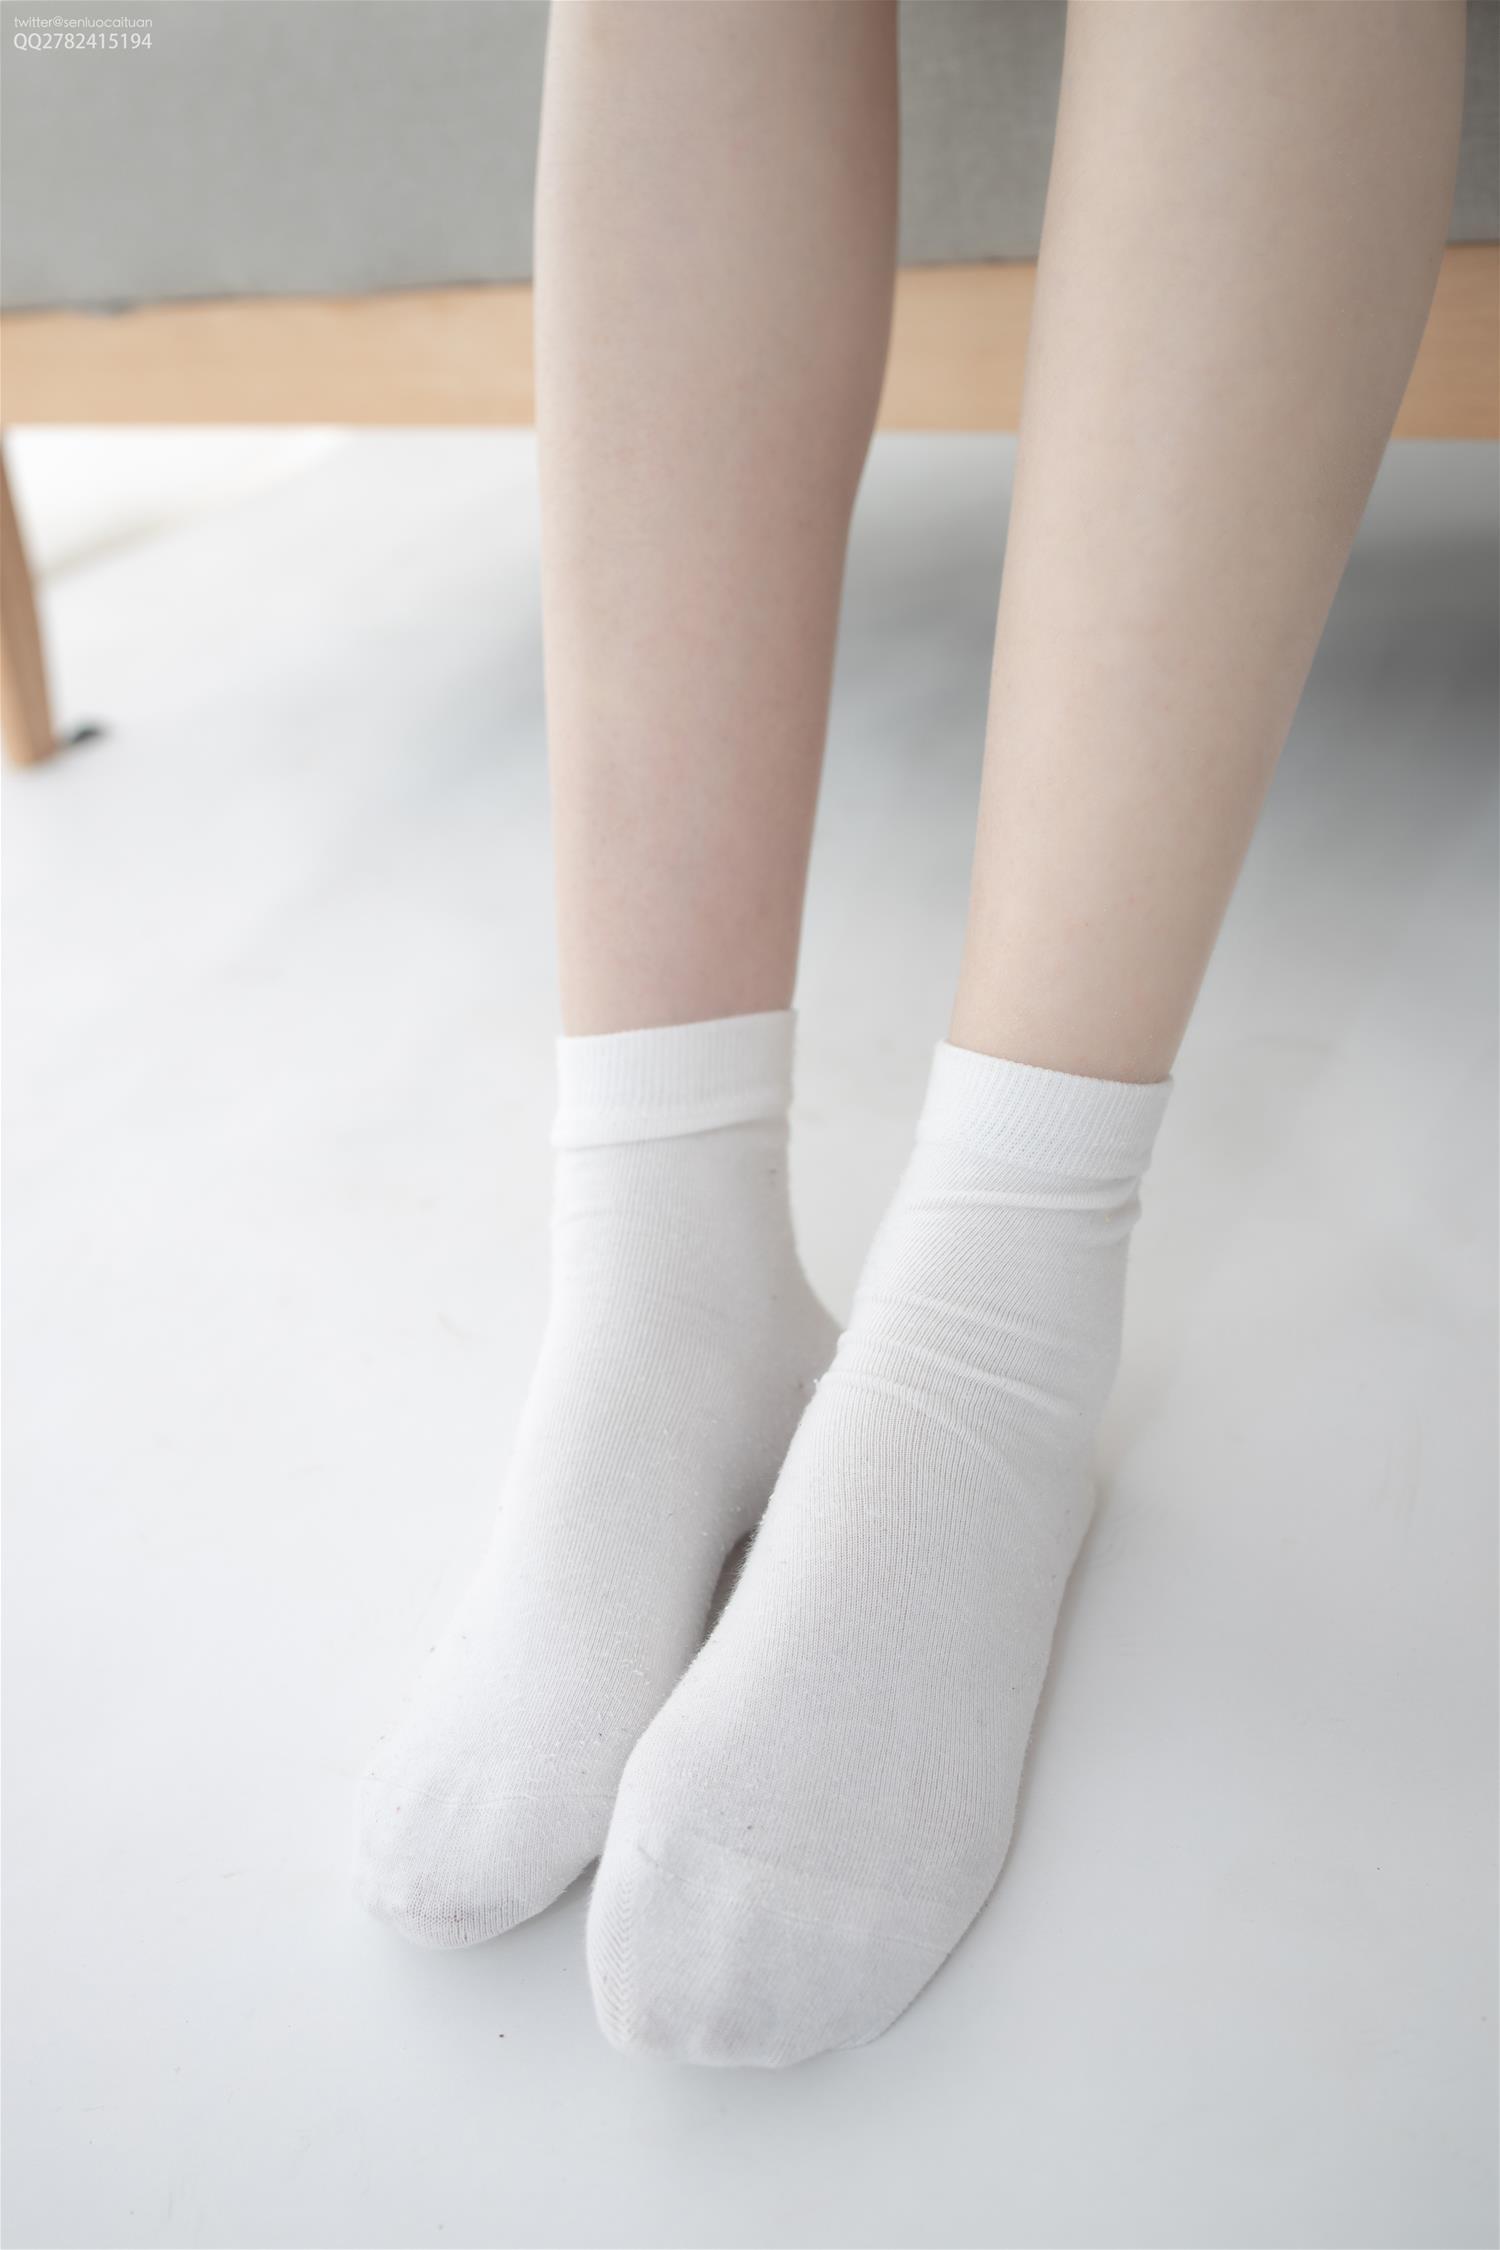 森萝财团 JKFUN-045 定制03 Aika 短棉袜 [27P1V-1.46GB] 森萝财团-第1张